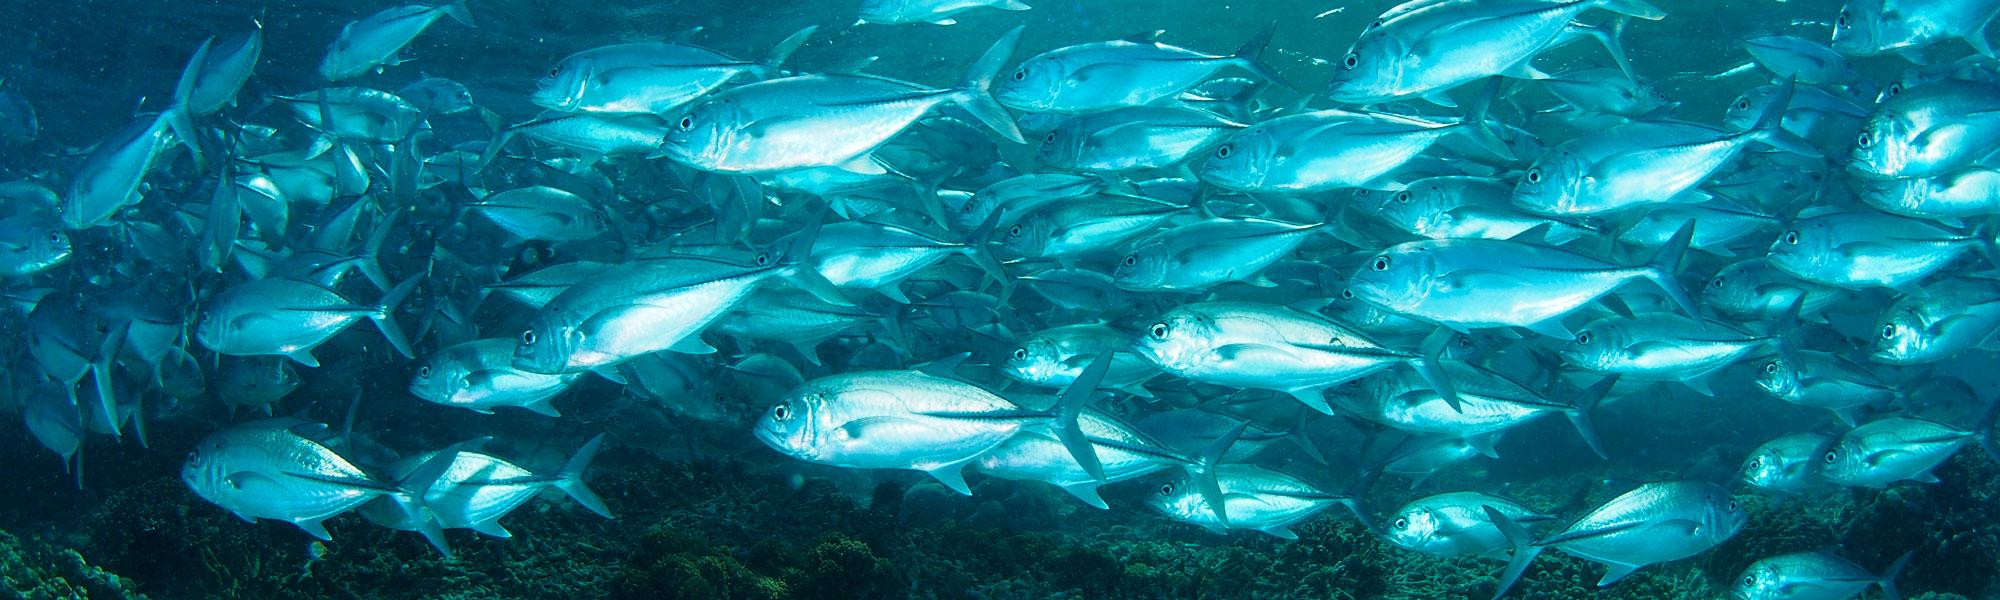 Los nutraceuticos están creados con productos procedentes del mar